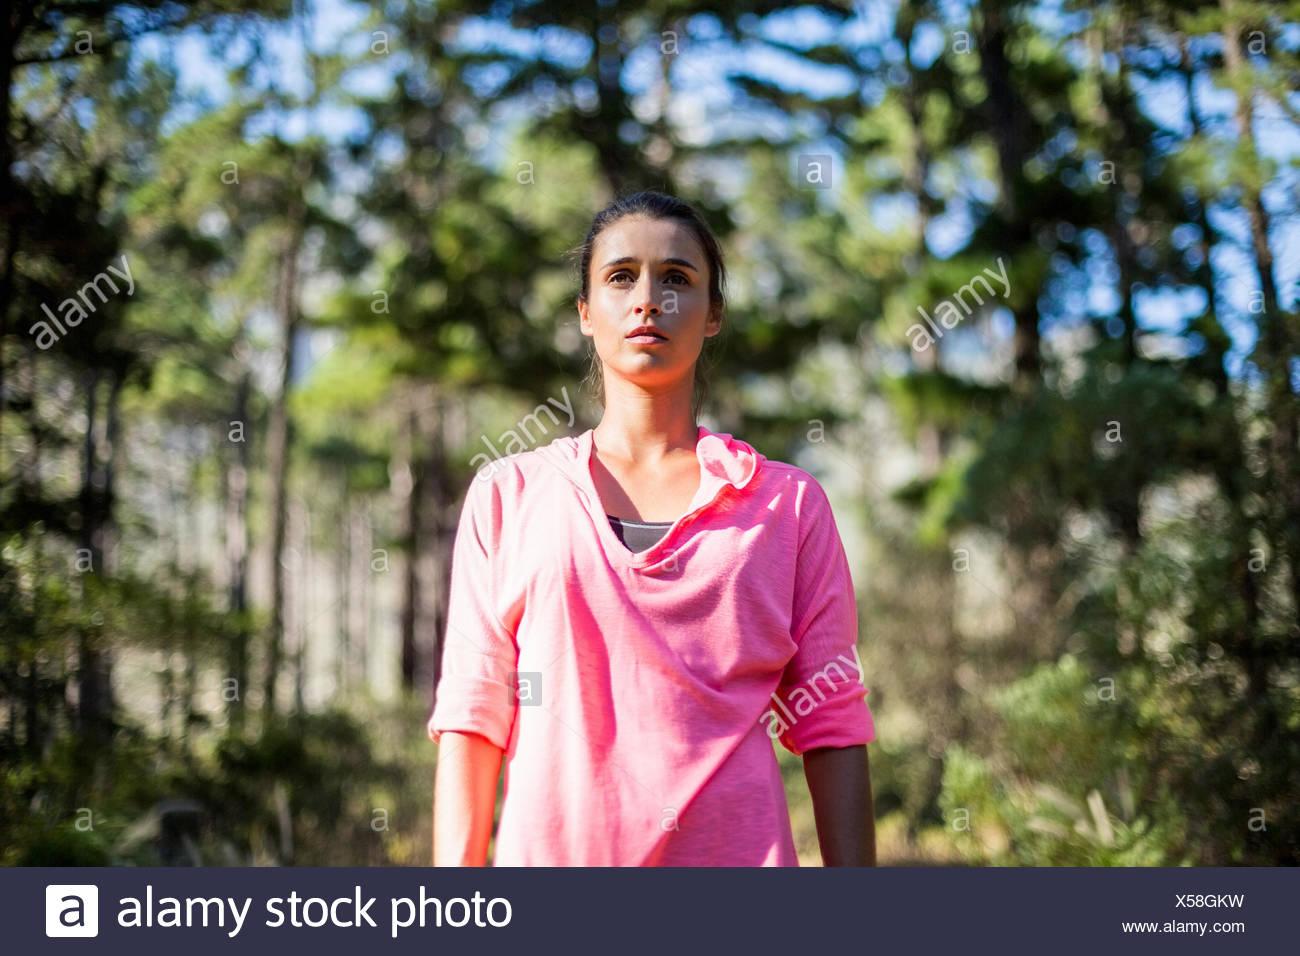 Woman unsmiling posing - Stock Image